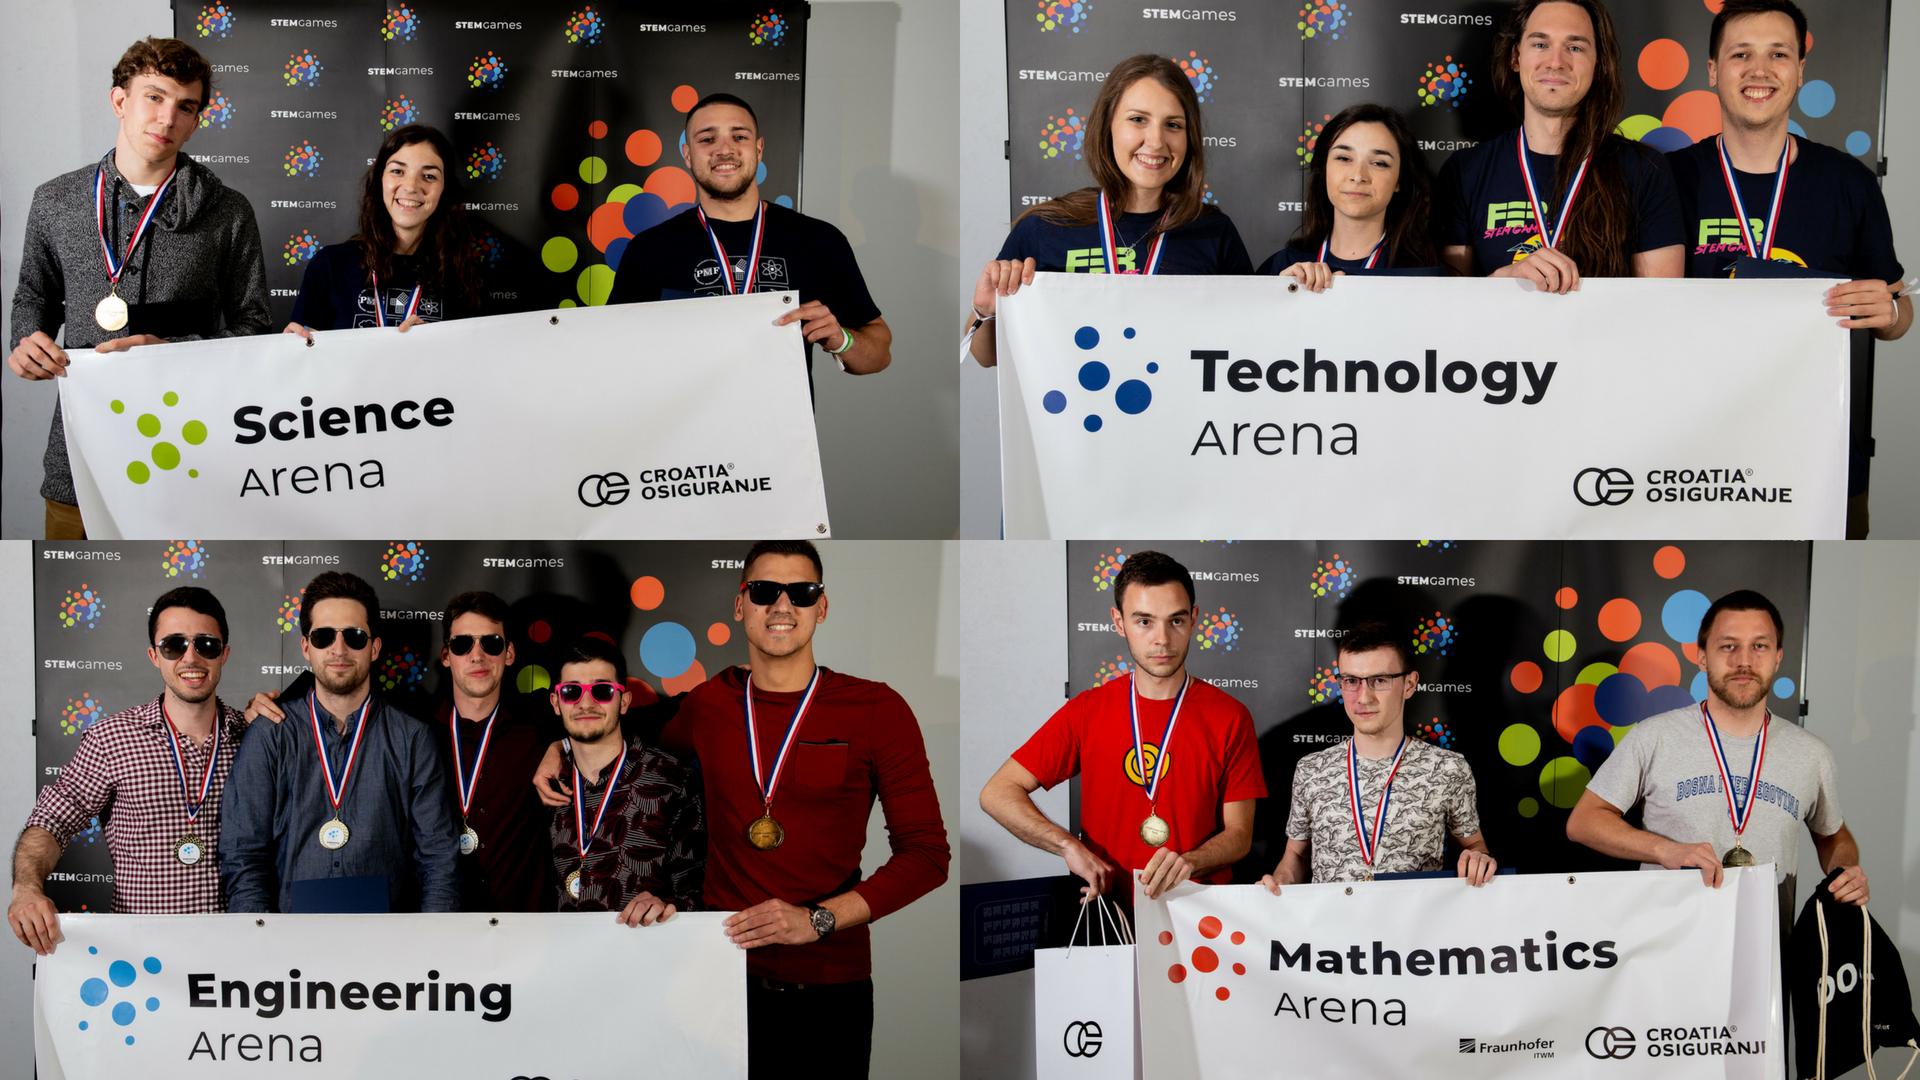 STEM Games Arene prva mjesta